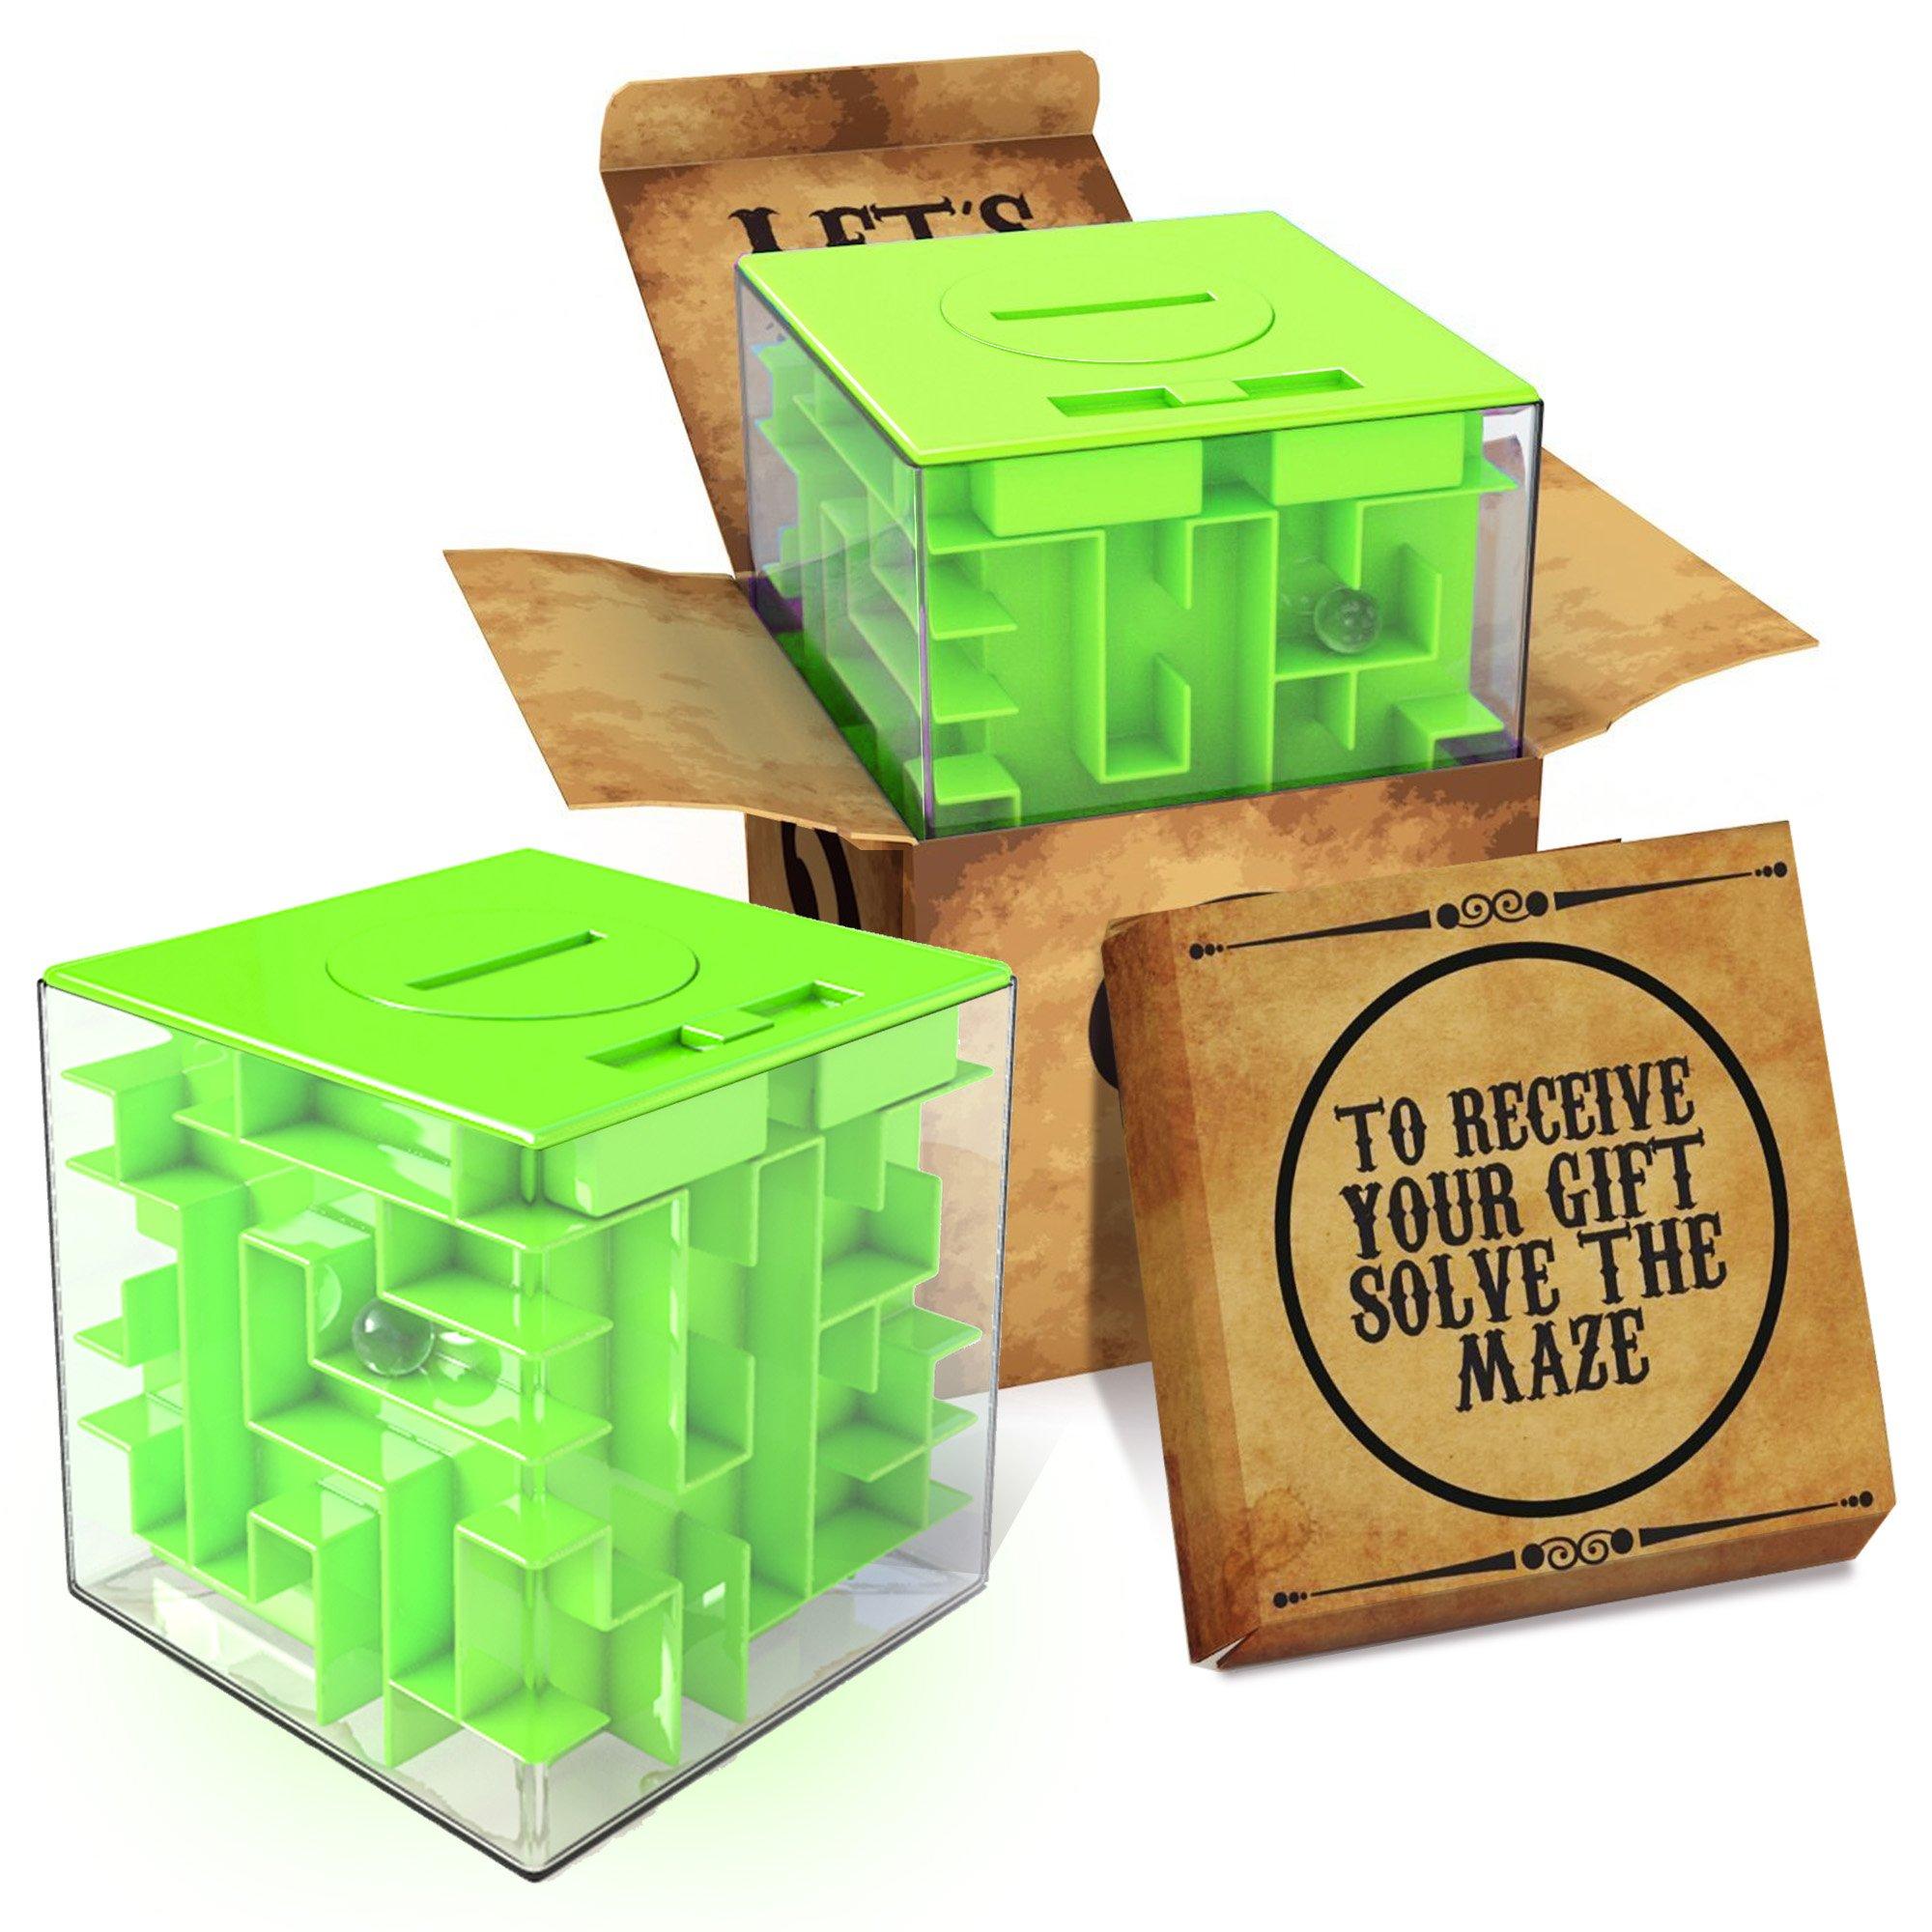 Amazon.com: SainSmart Jr.?Money Maze Puzzle Box For Kids and Adults ...